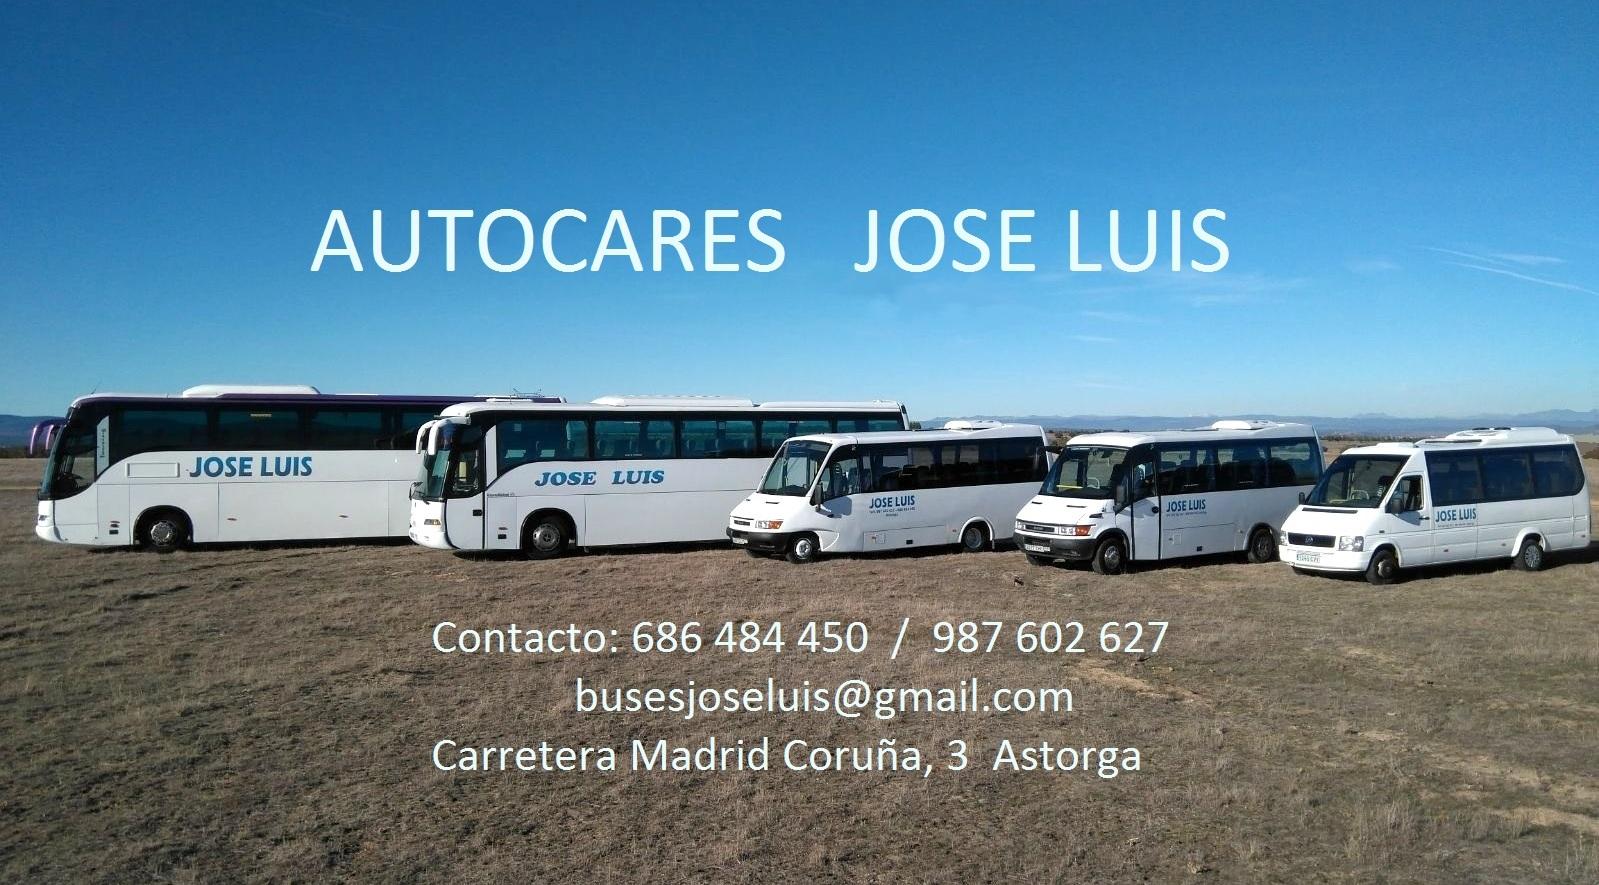 AUTOCARES JOSE LUIS